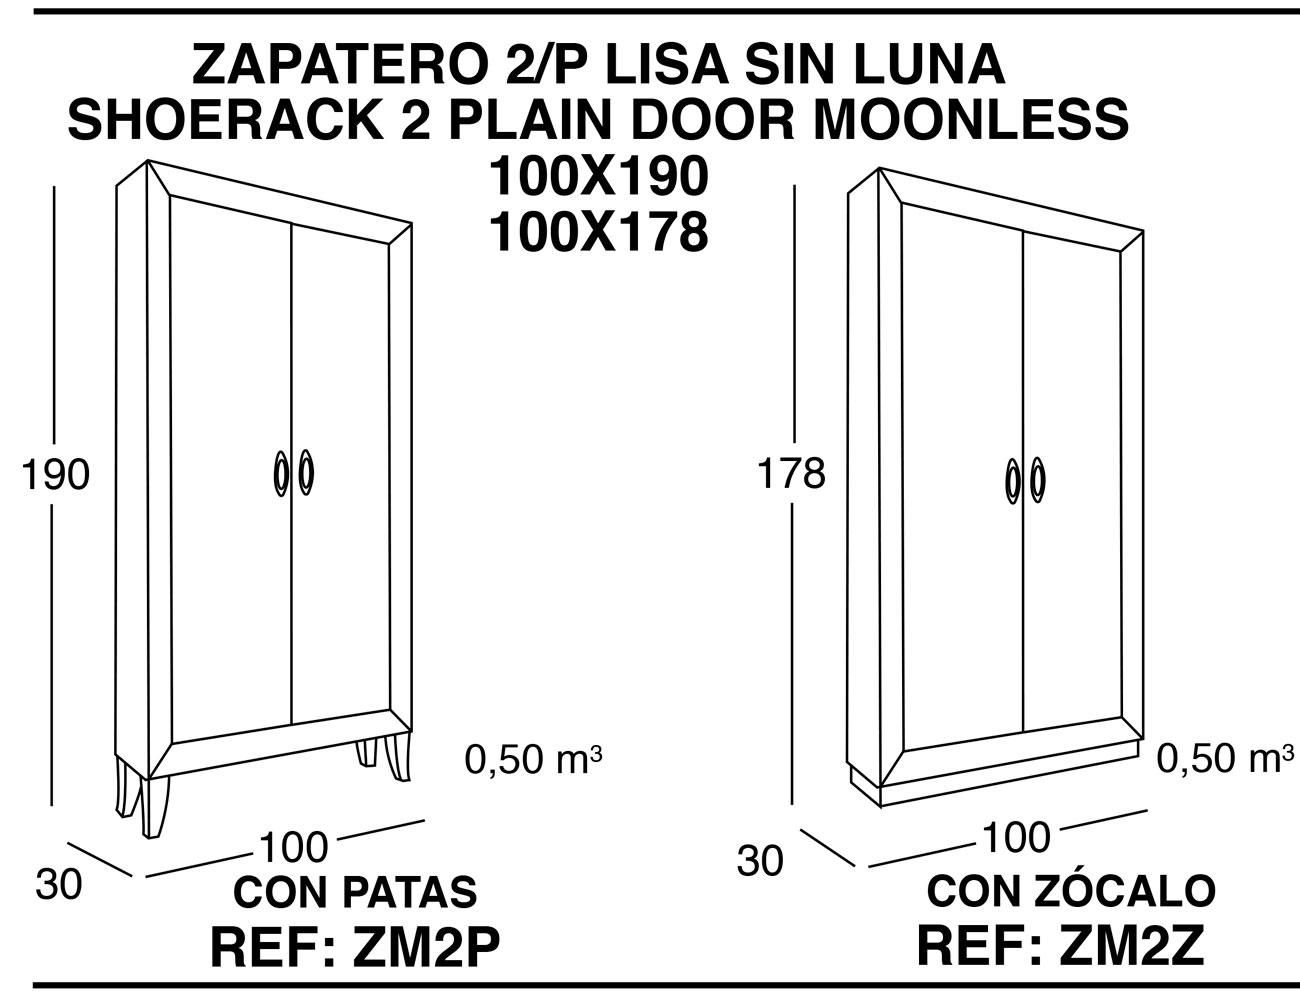 Zapatero 2p lisa sin luna1